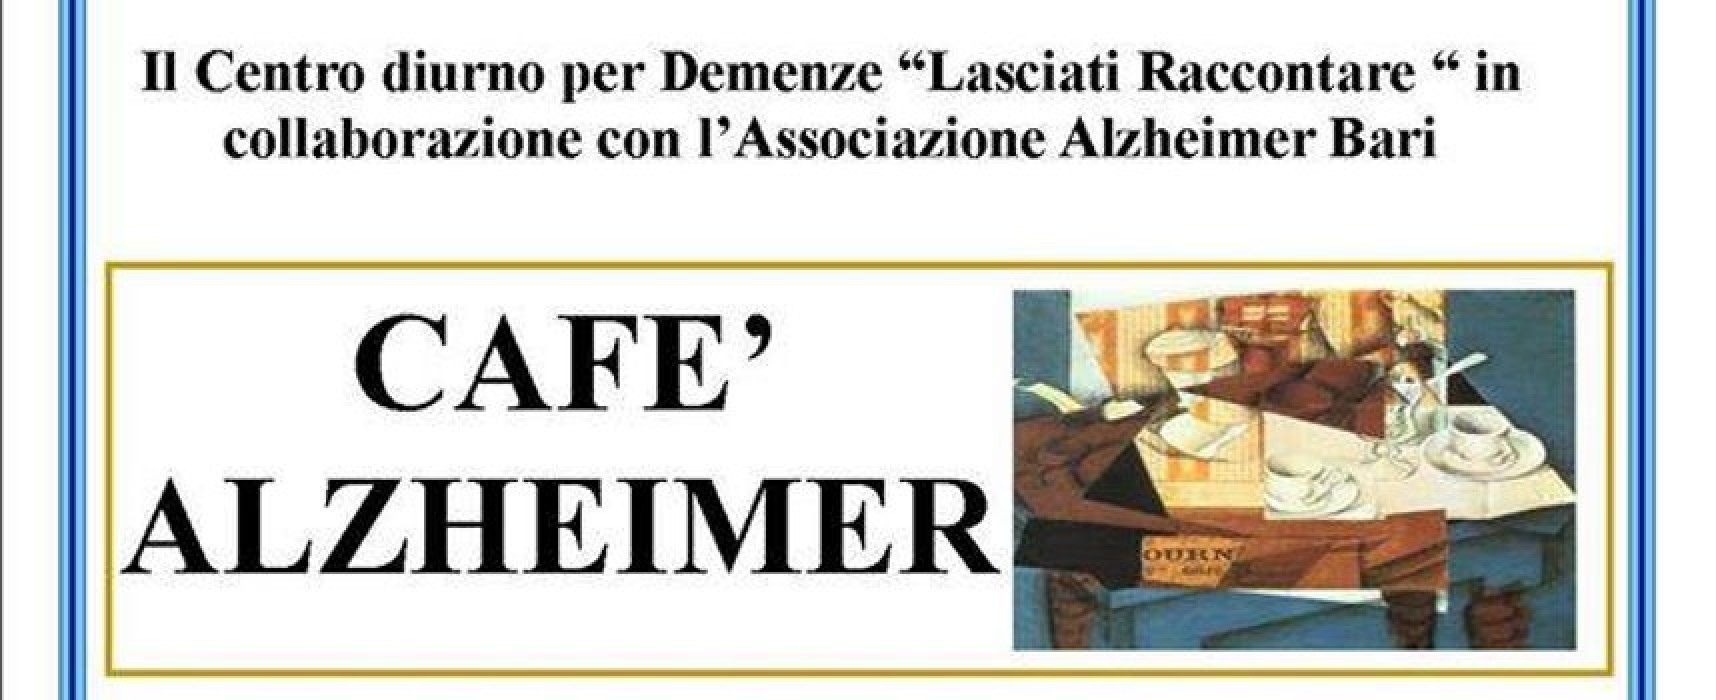 """Presentato il progetto del primo """"Cafè Alzheimer"""" dal centro diurno """"Lasciati raccontare"""""""